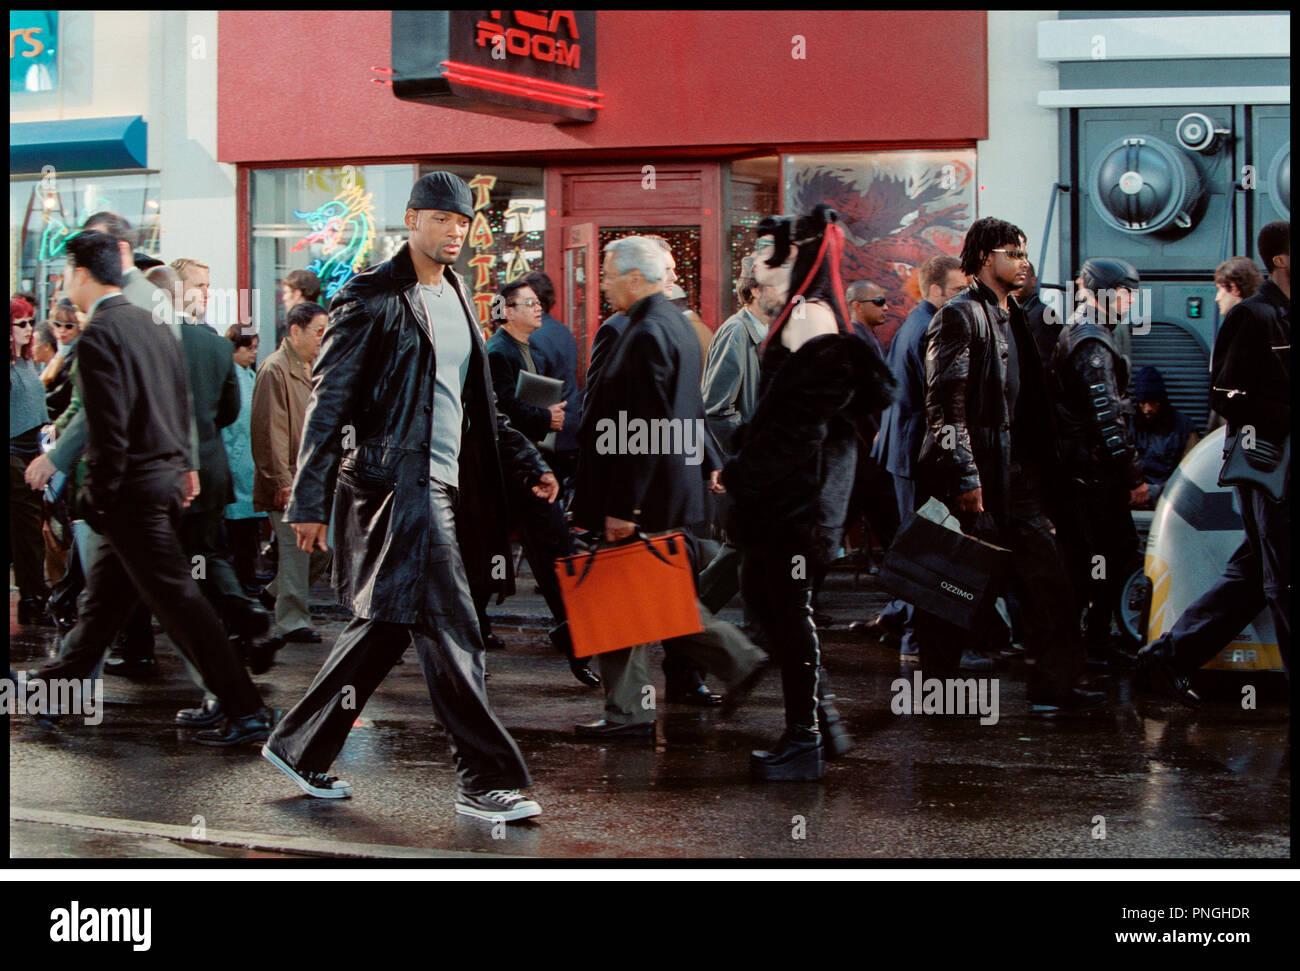 Prod DB © 20th Century Fox - Overbrook Entertainment / DR I, ROBOT (I ROBOT) de Alex Proyas 2004 USA avec Will Smith  inspire du livre de Isaac Asimov  bonnet, veste en cuir, futuriste, science fiction, rue, foule, chicago - Stock Image